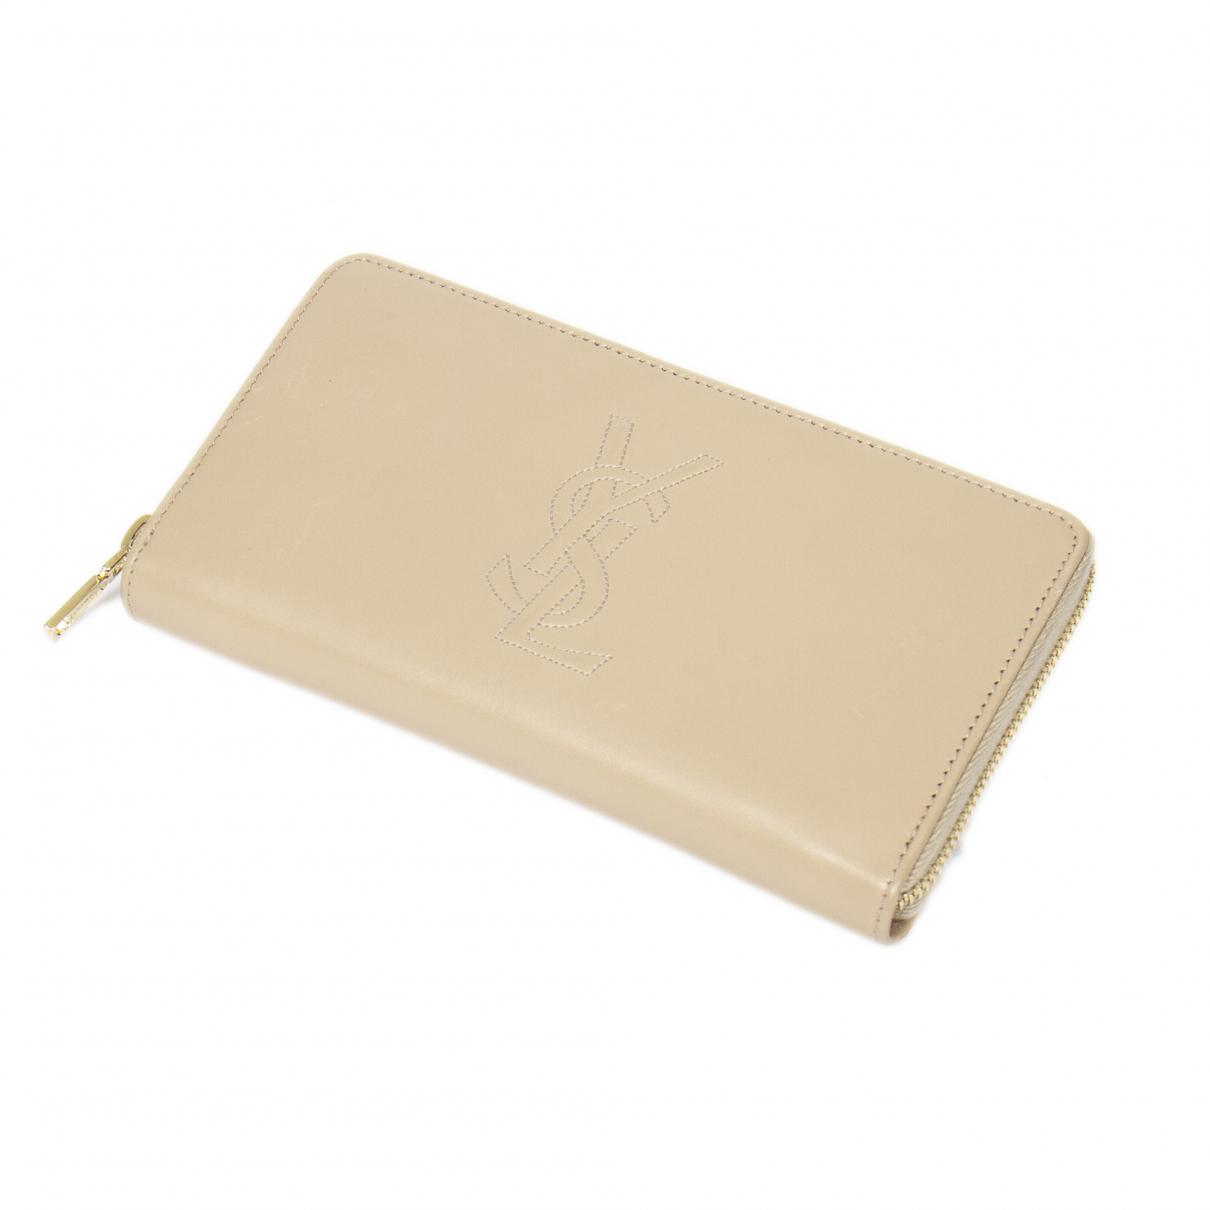 Yves Saint Laurent - Portefeuille   pour femme en cuir - beige